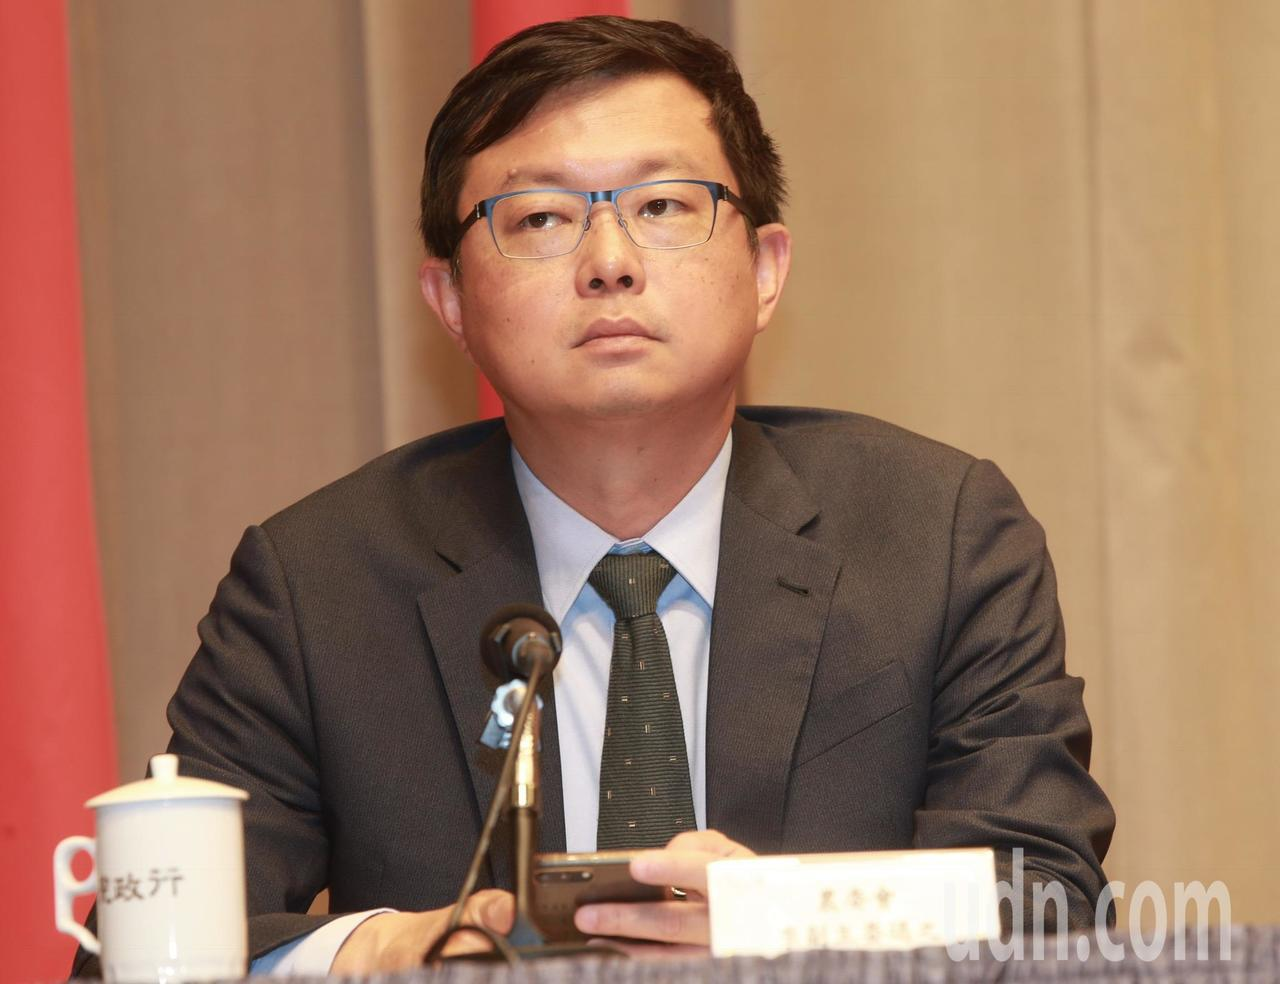 農委會副主委李退之。聯合報資料照/記者黃義書攝影